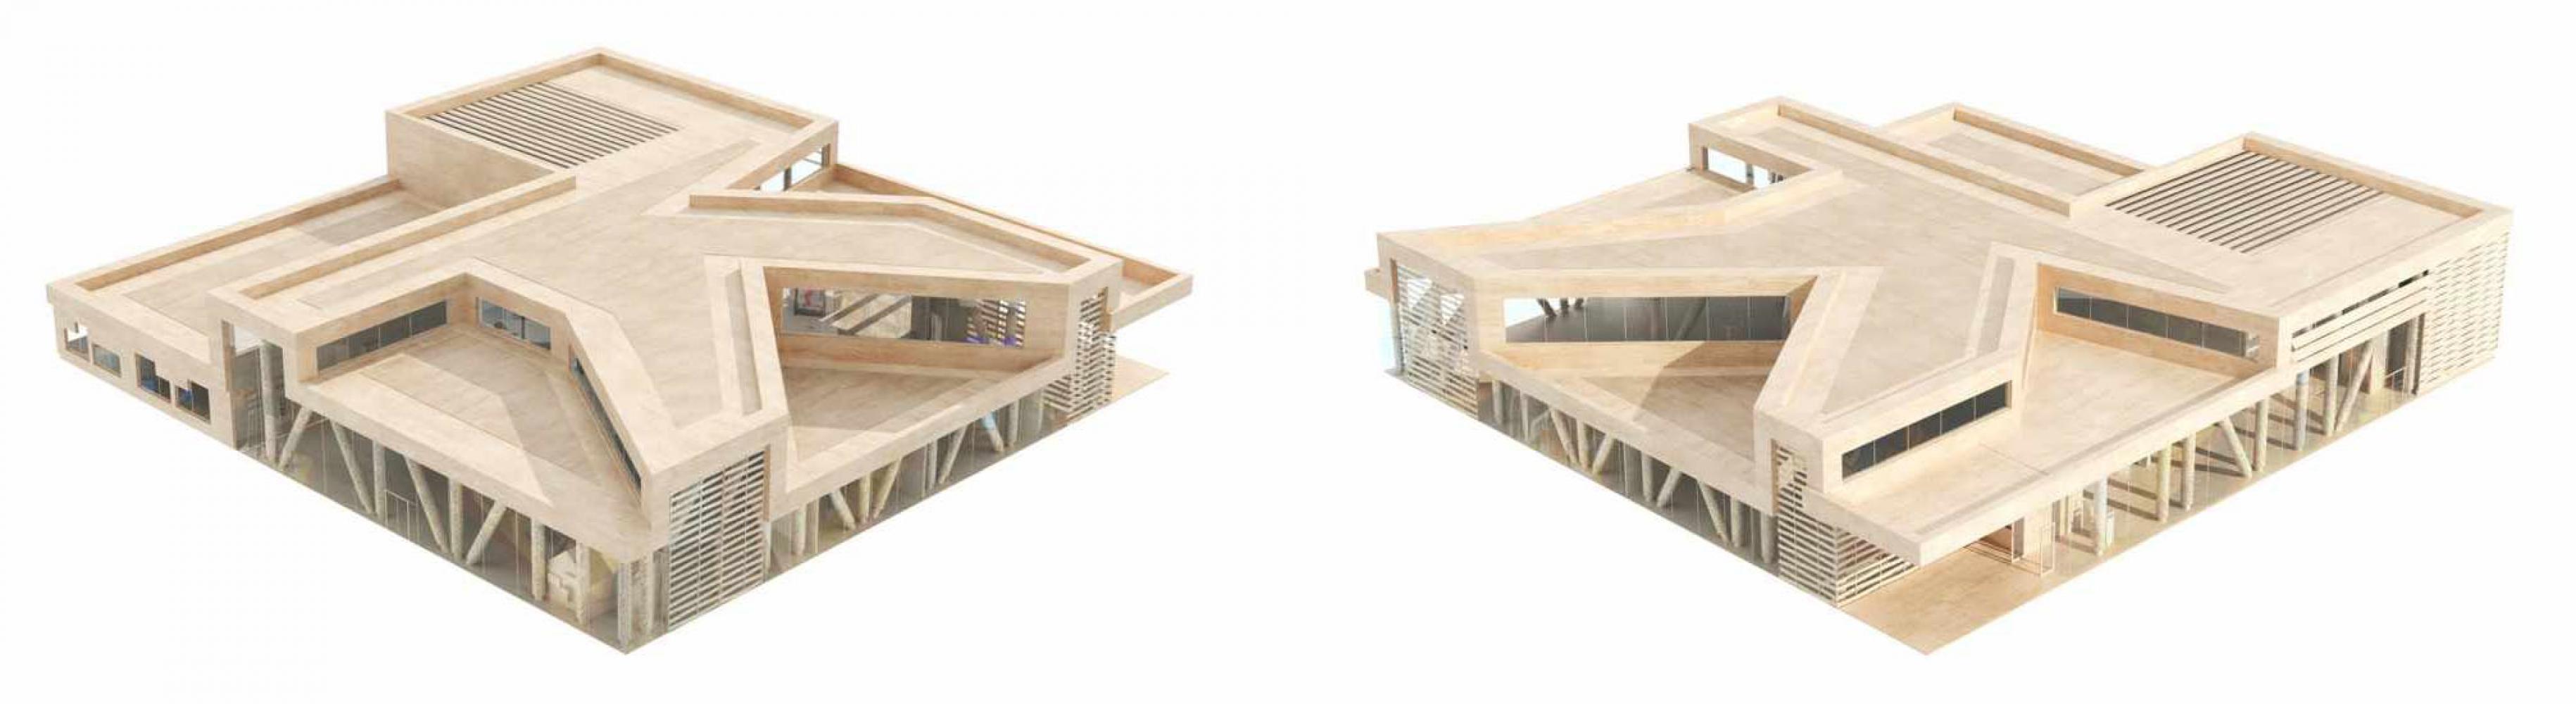 plan_cote_a_cote_harnes Pascale SEURIN Architecte - Culturel